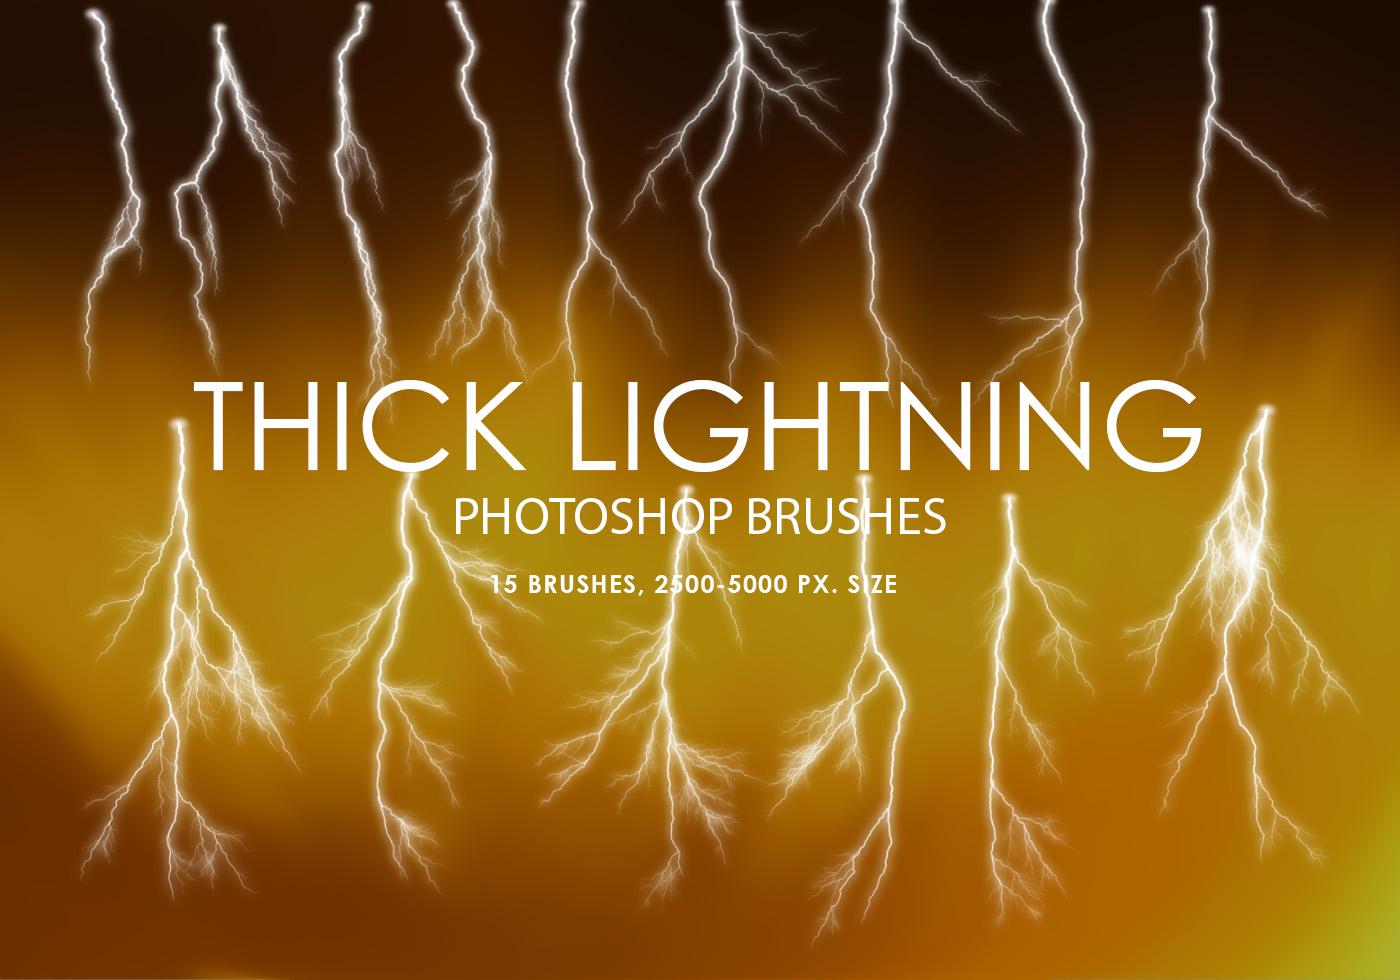 Thick Lightning Photoshop Brushes Free Photoshop Brushes